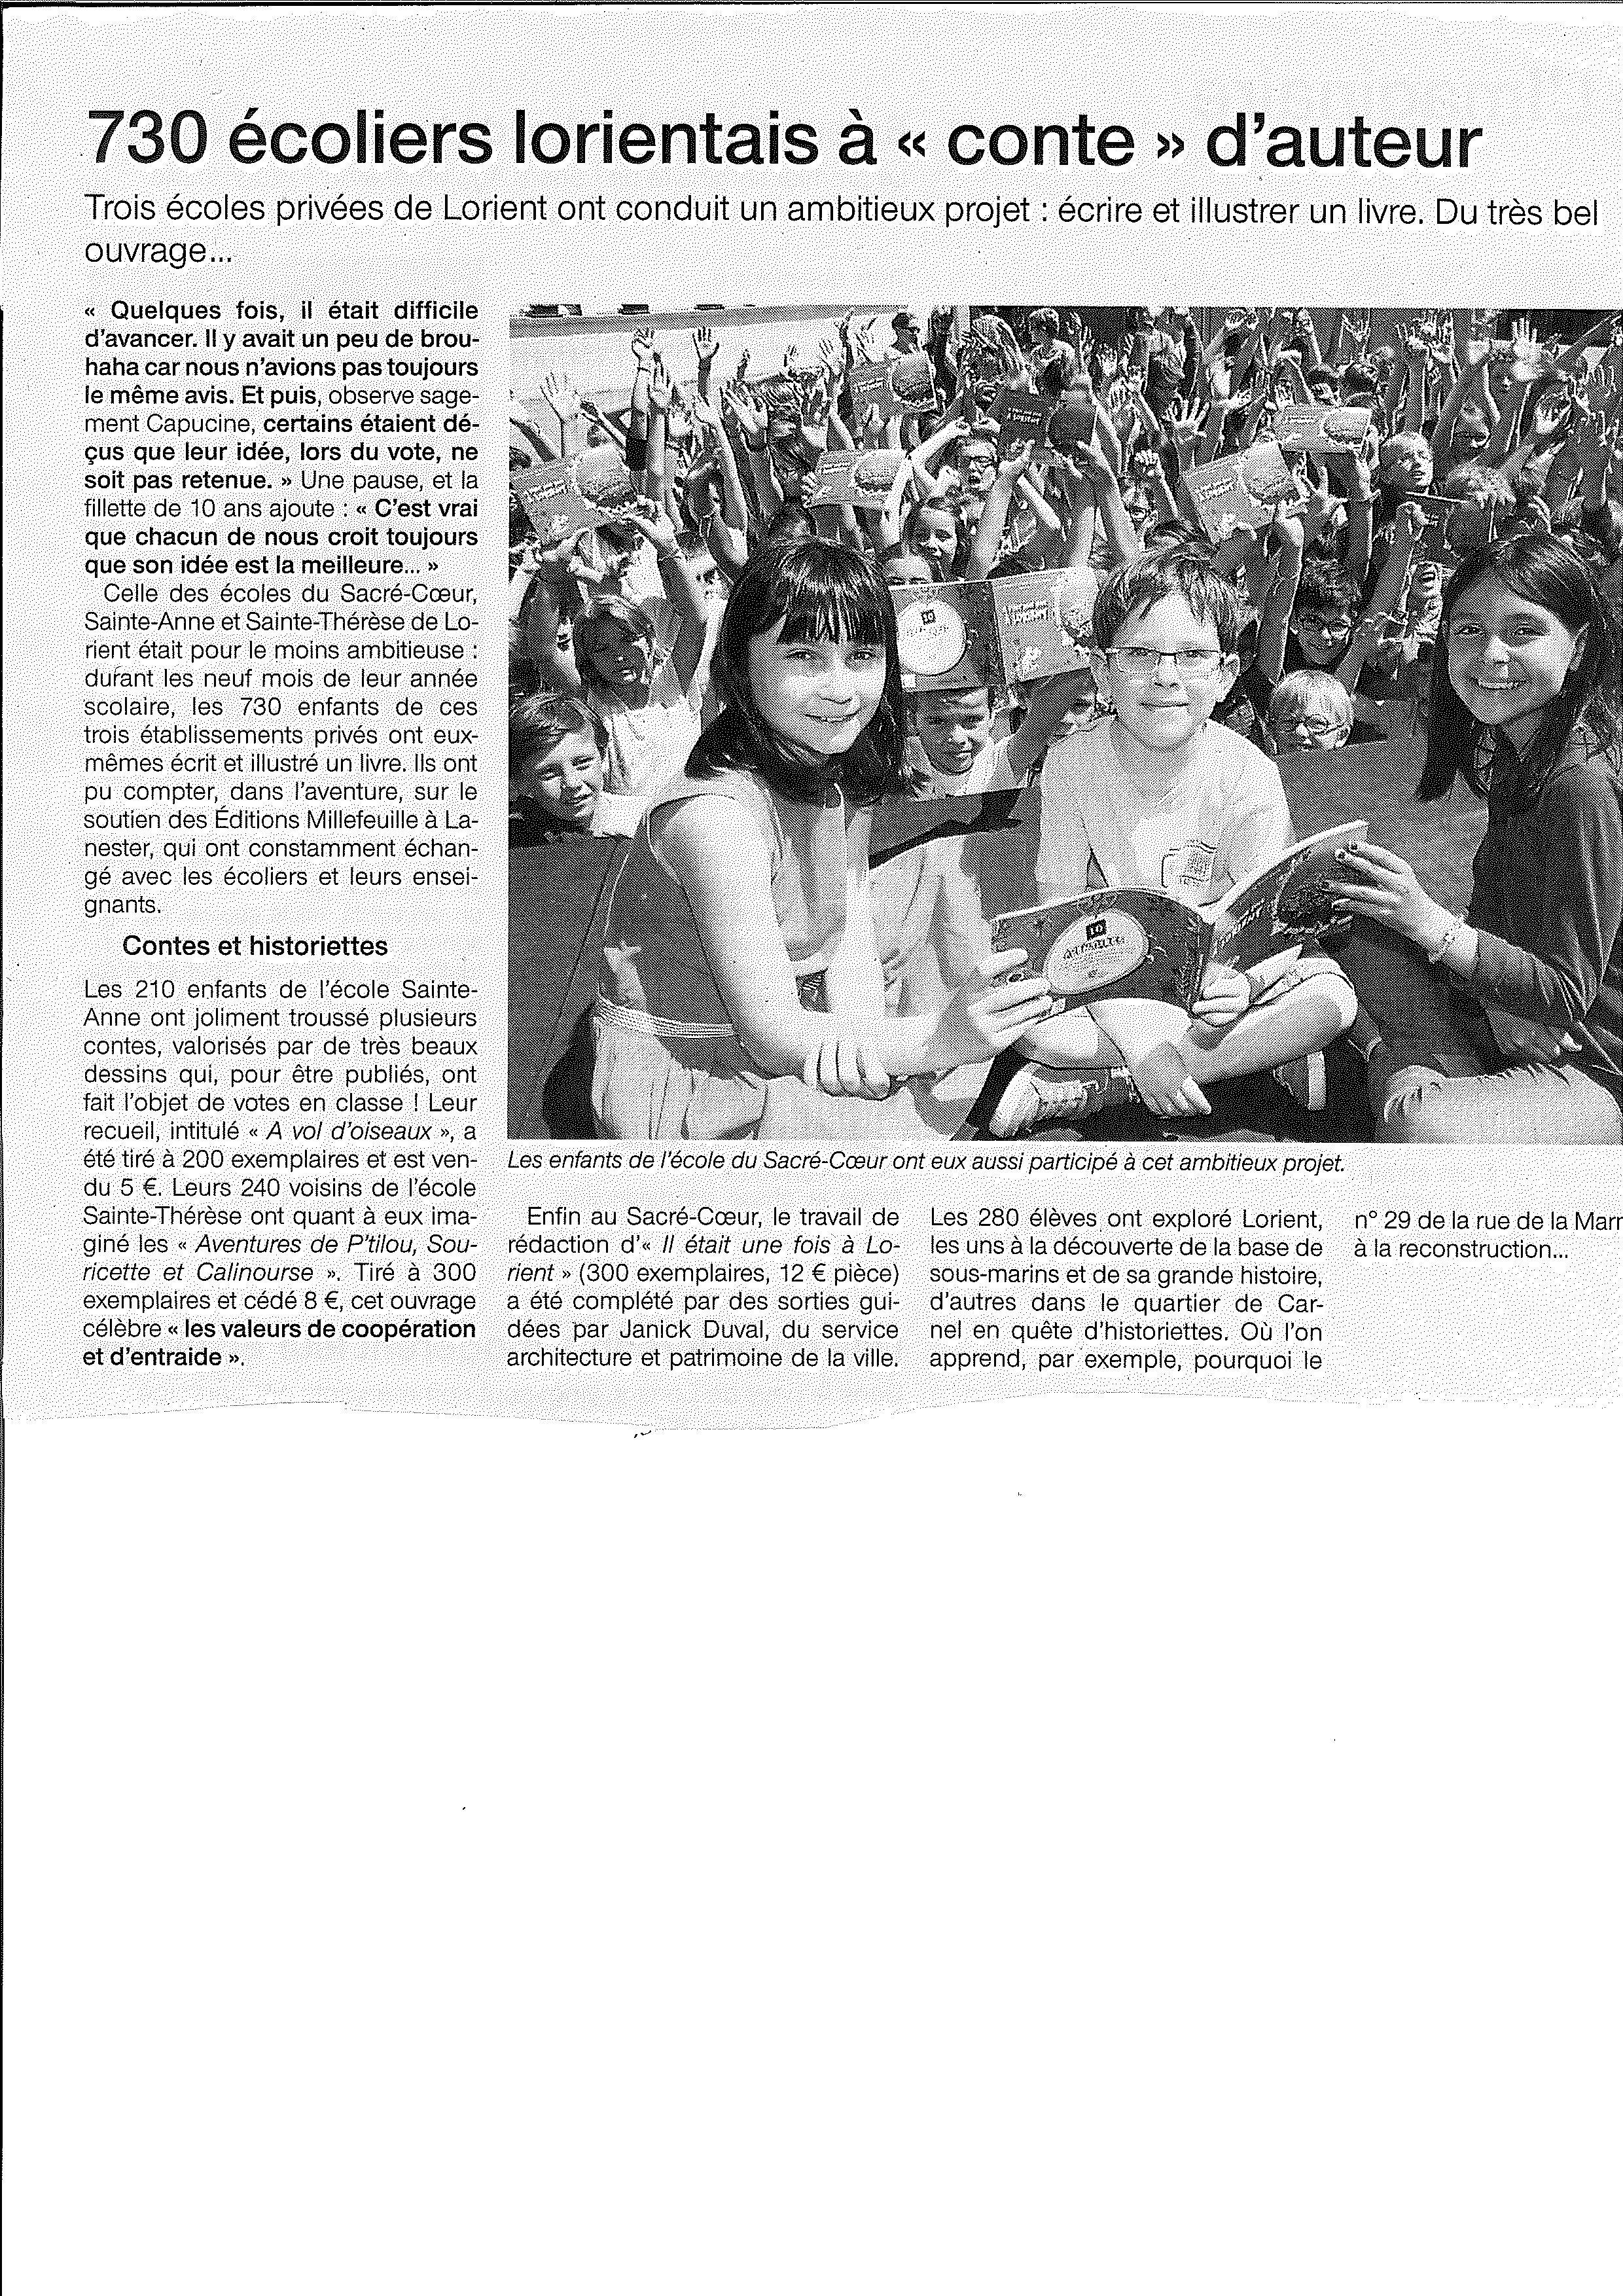 730 écoliers lorientais à conte d auteur-page-001(1)